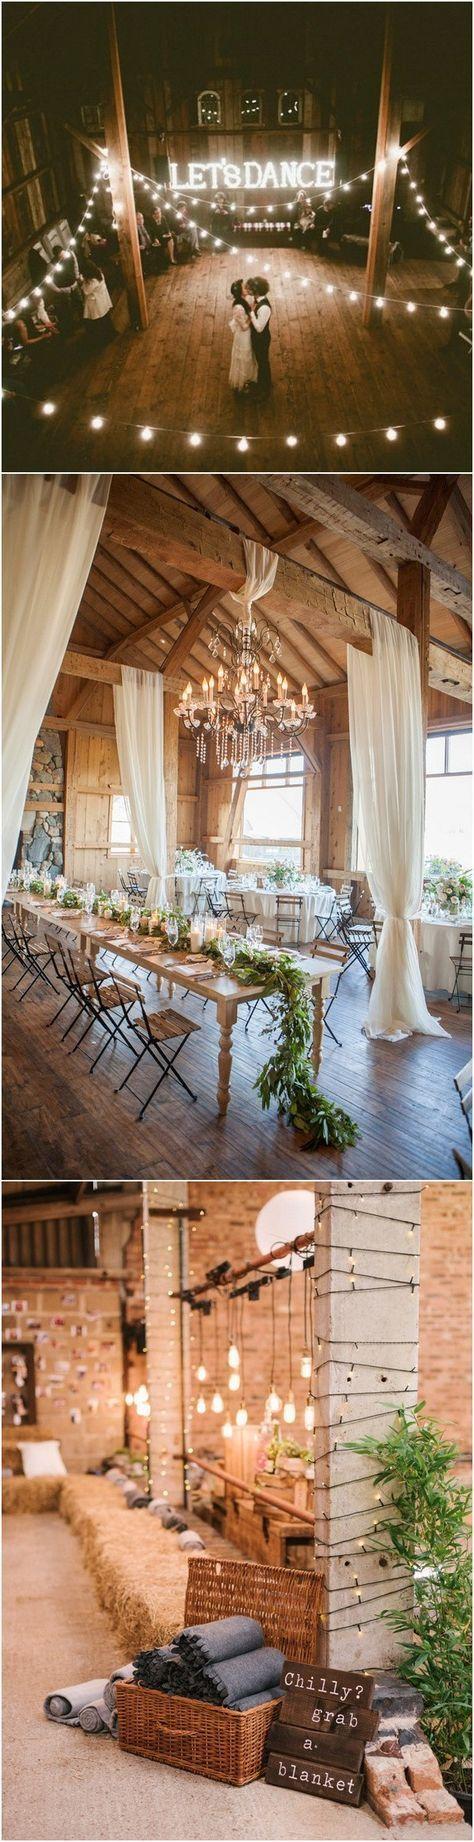 20 Gorgeous Ideas For A Rustic Barn Wedding Barn Wedding